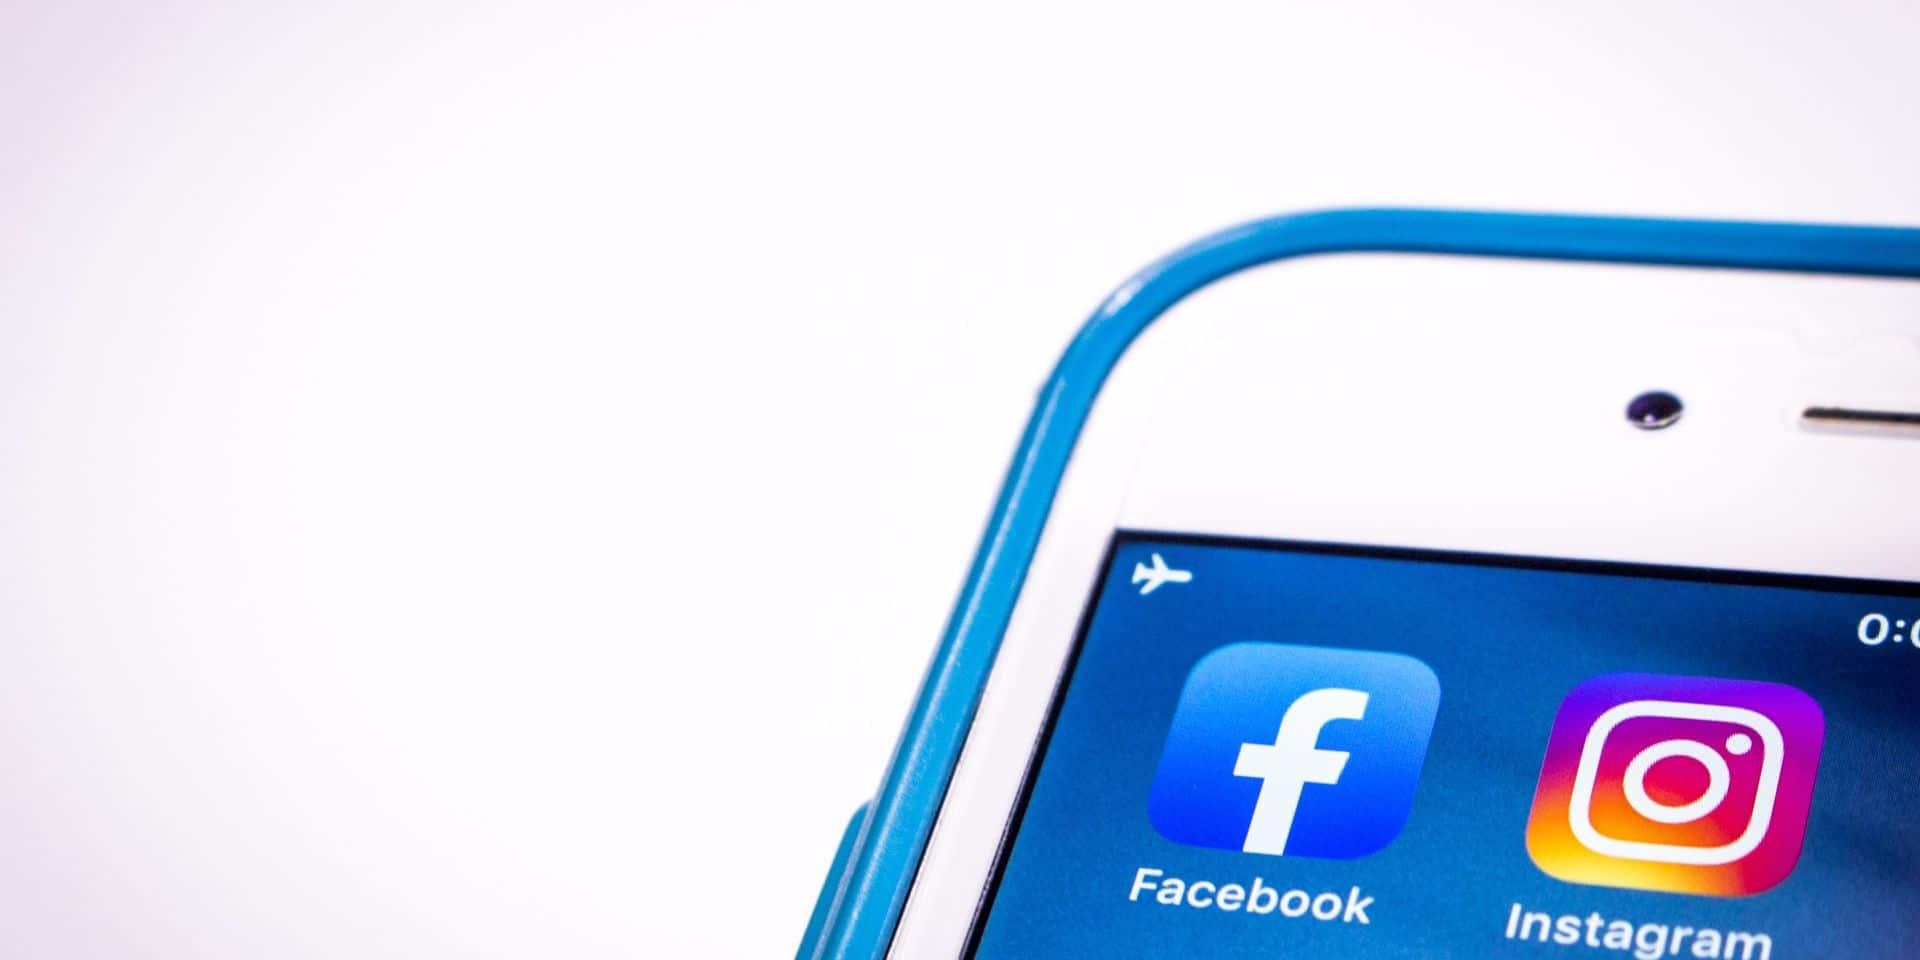 Même supprimées, les applications Facebook et Instagram conserveraient nos données personnelles durant des mois